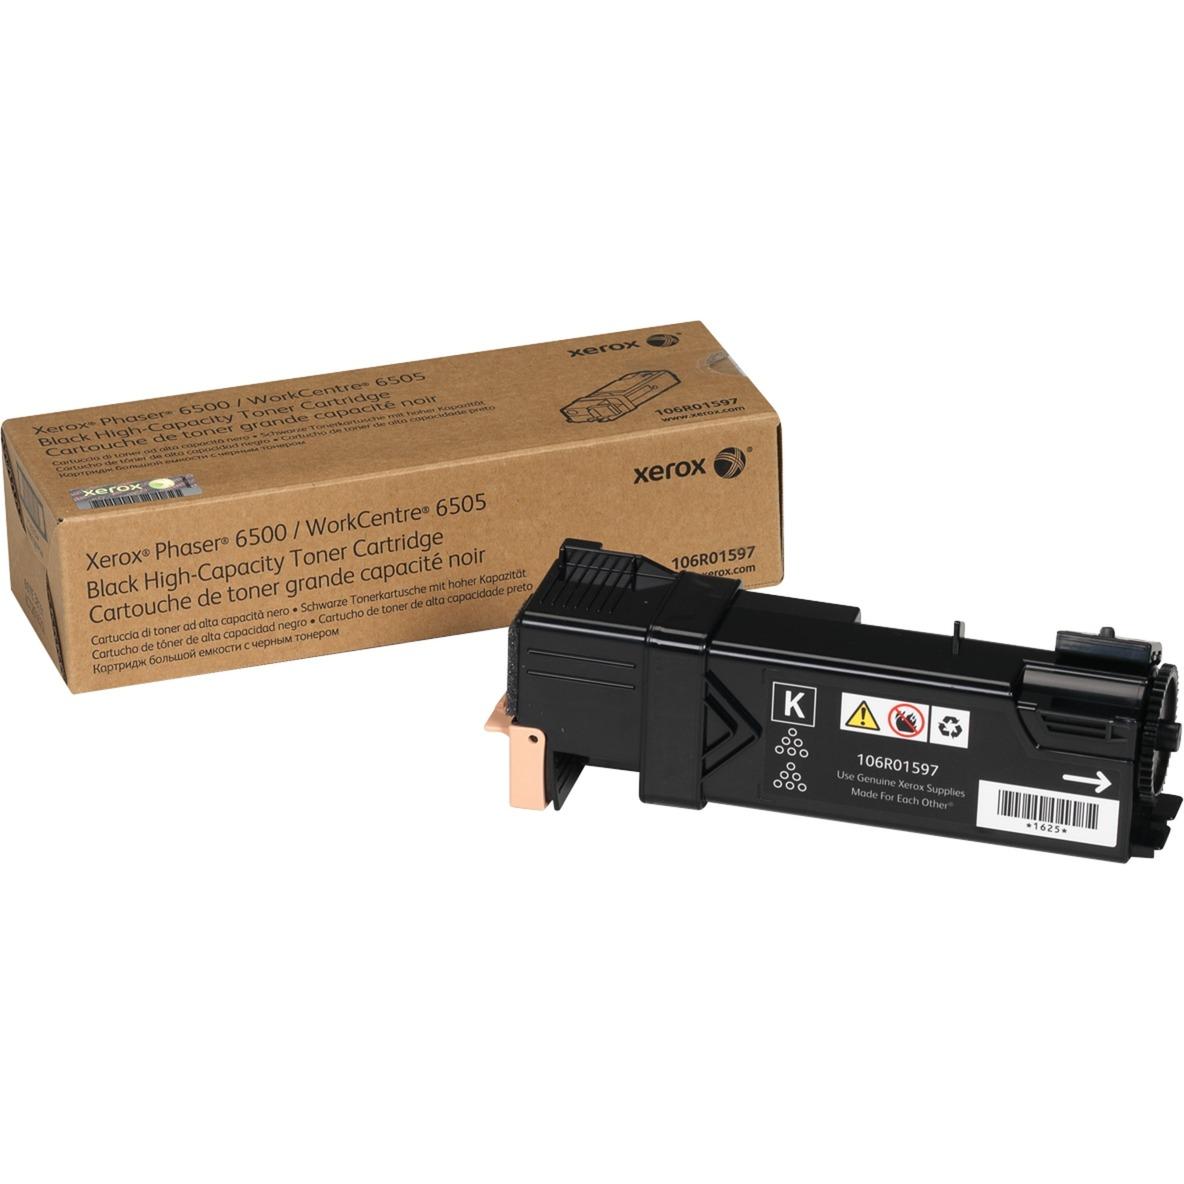 Phaser 6500/WorkCentre 6505, Cartouche de toner Noir grande capacité (3 000 pages), Amérique du Nord, EEA